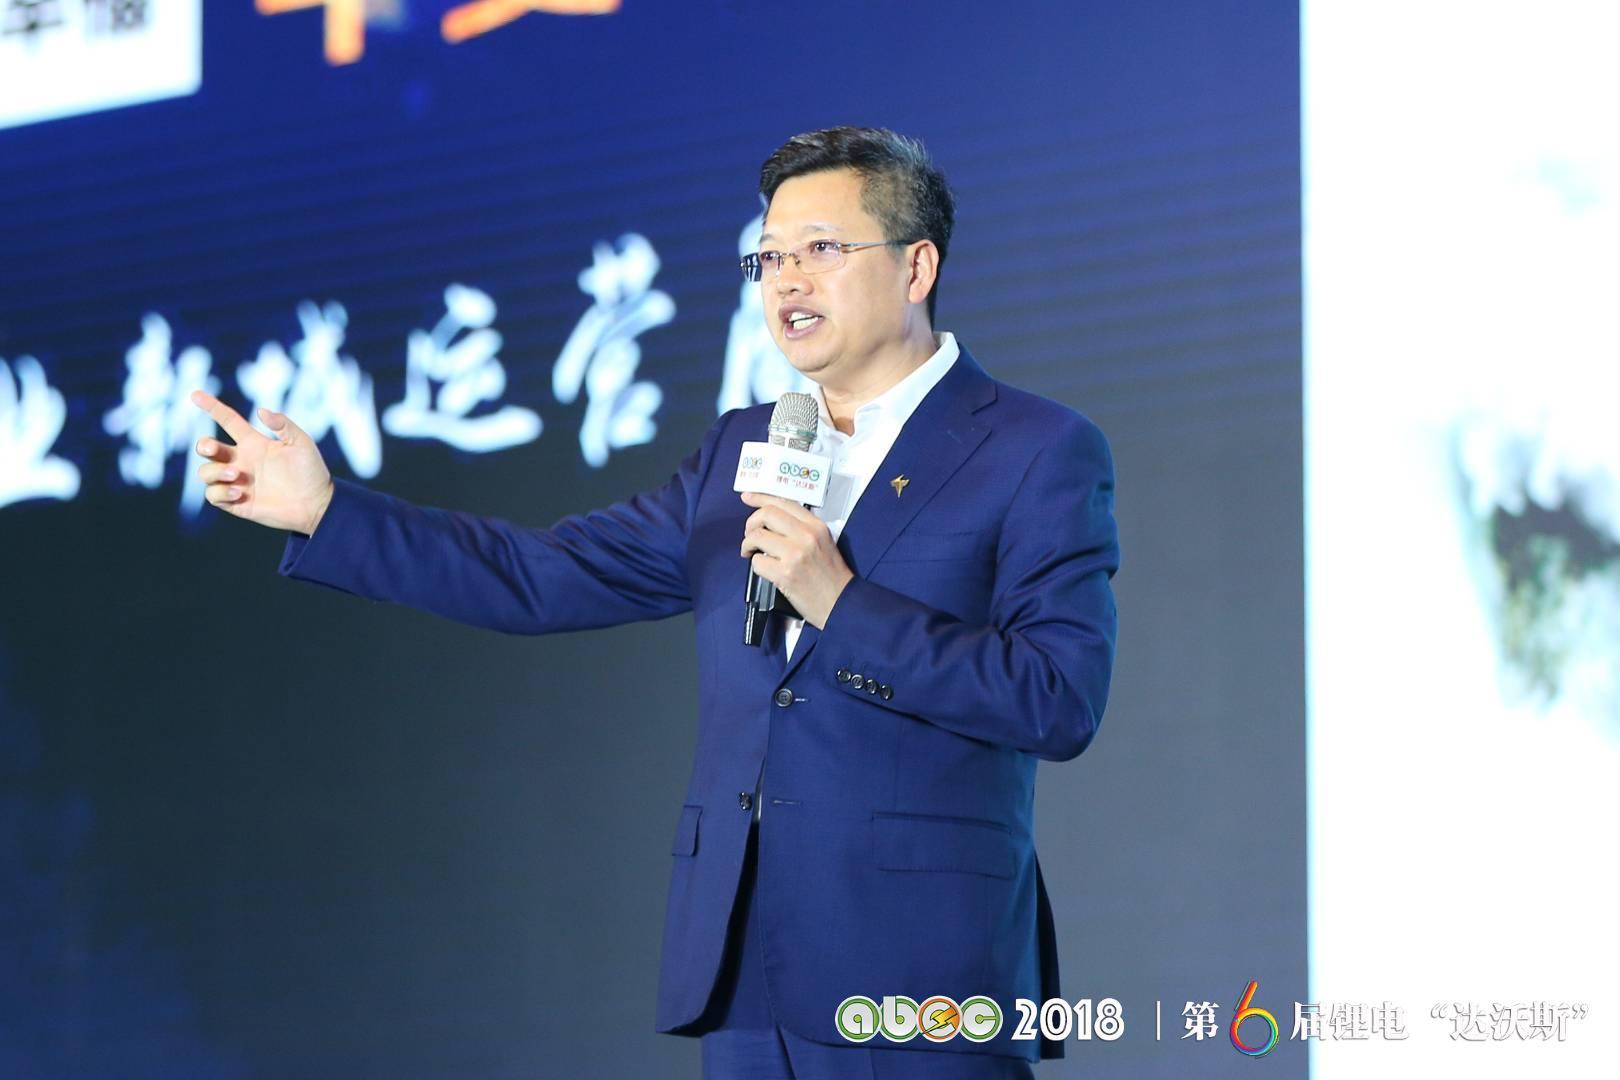 于德翔:电动汽车行业成风口 特来电构建充电网生态